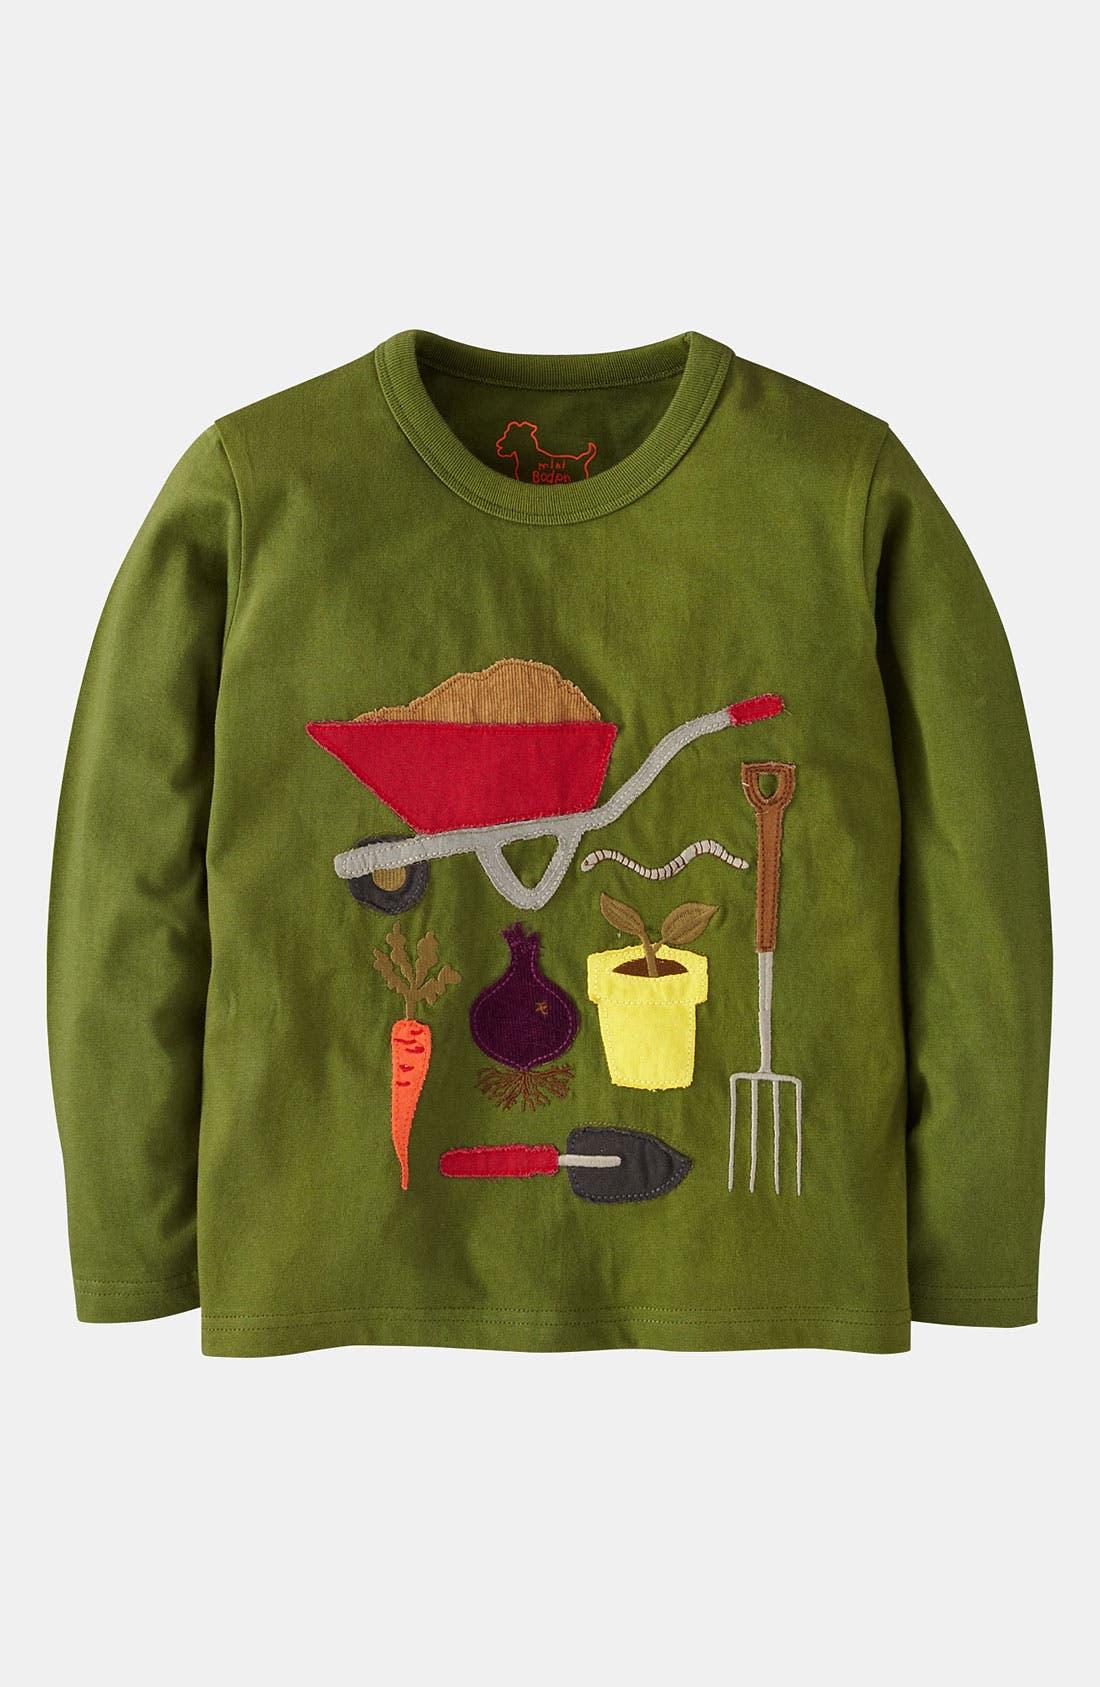 Alternate Image 1 Selected - Mini Boden 'Doing Stuff' T-Shirt (Toddler)